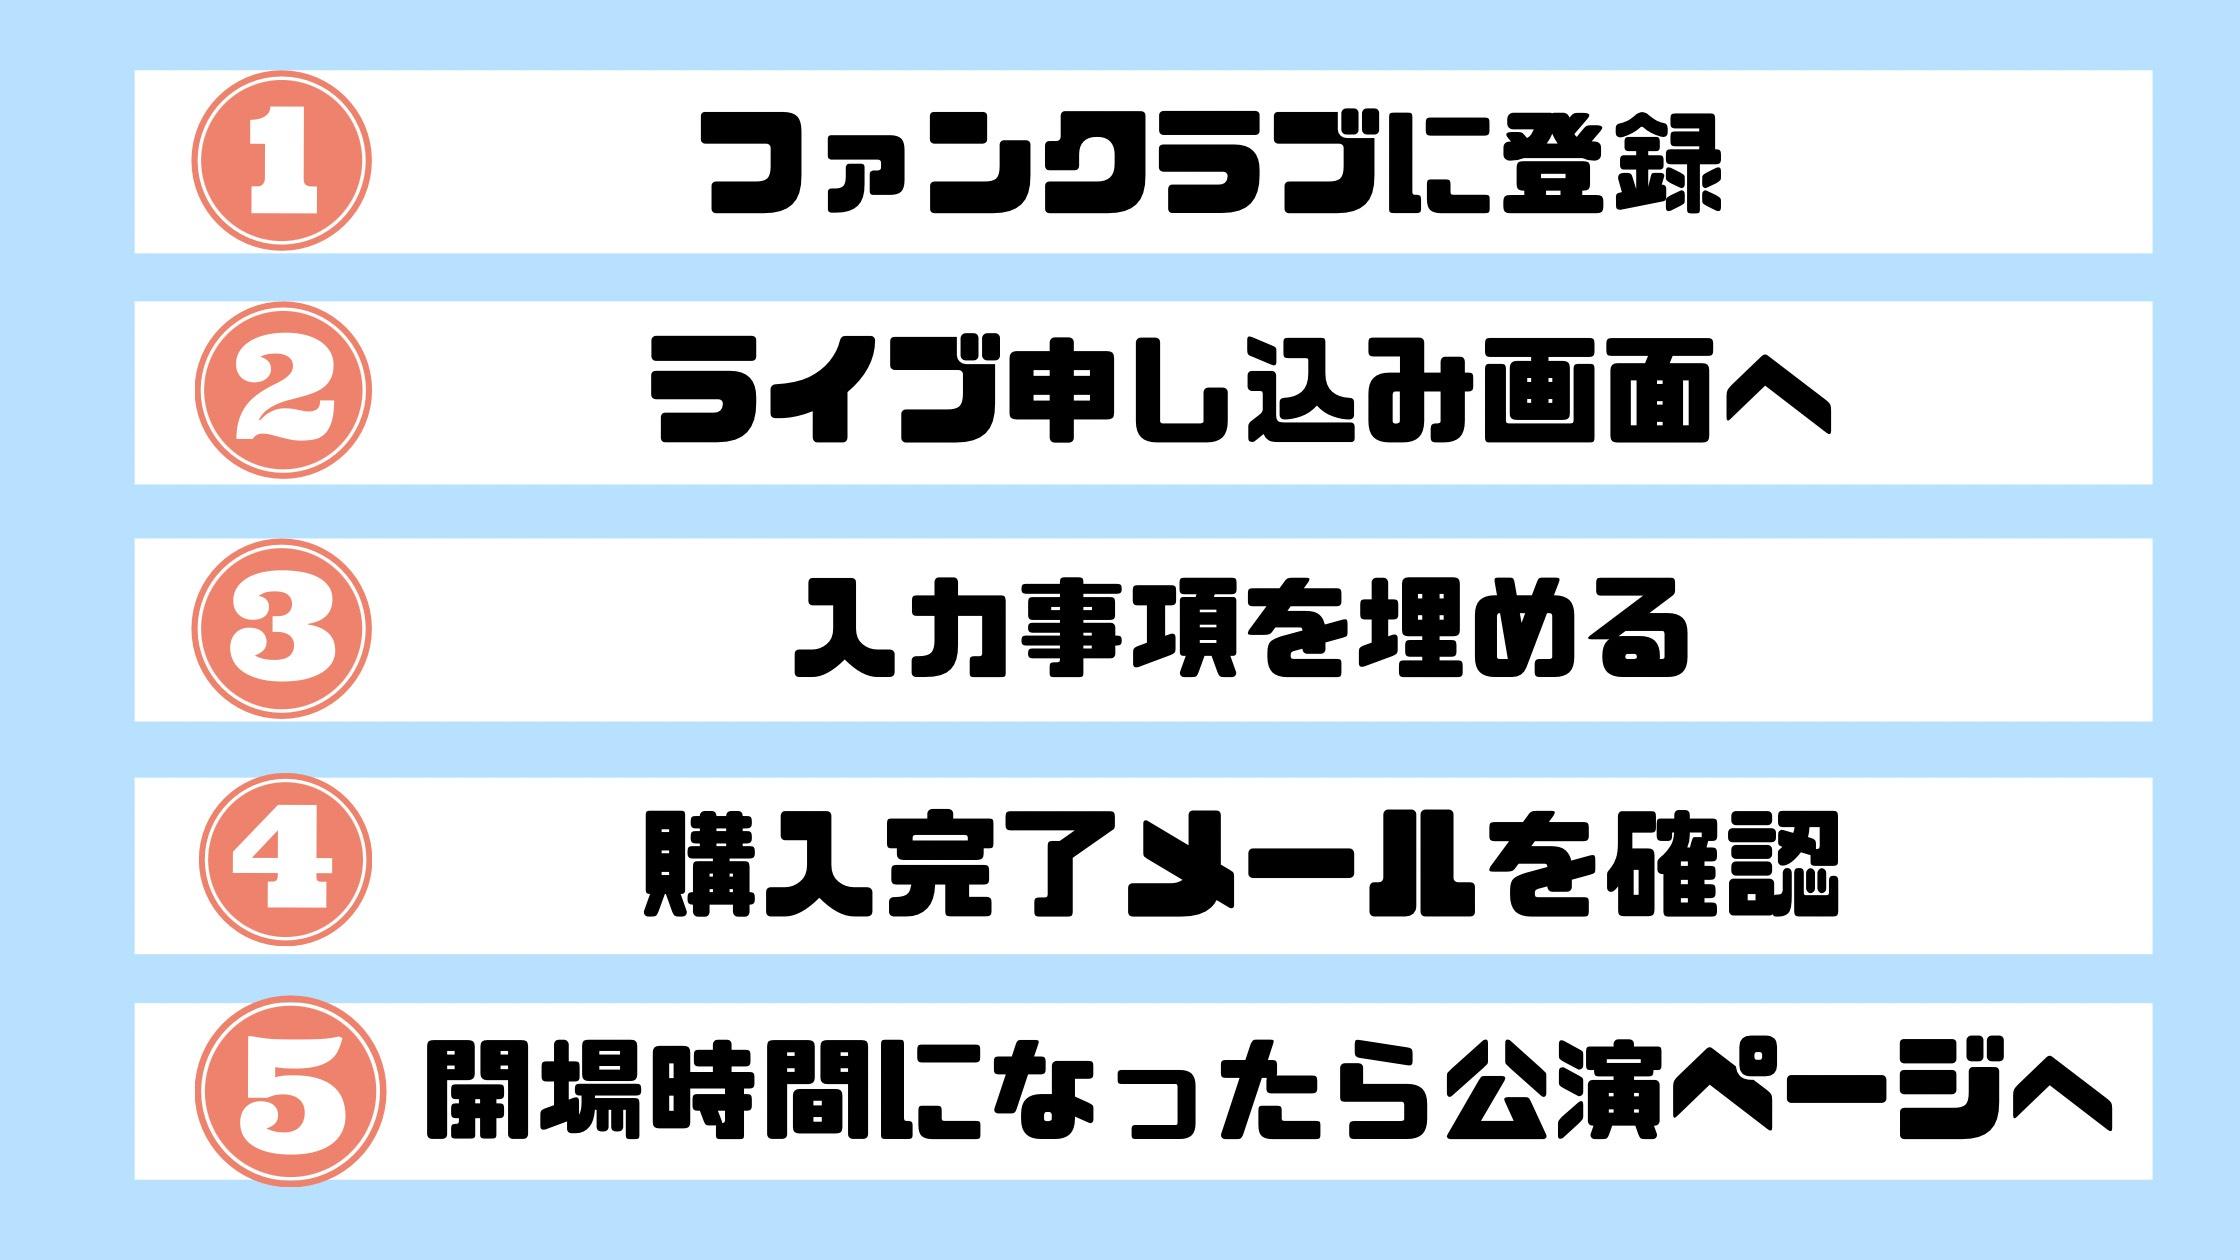 【日向坂46】オンラインライブの申し込み手順を徹底図解!